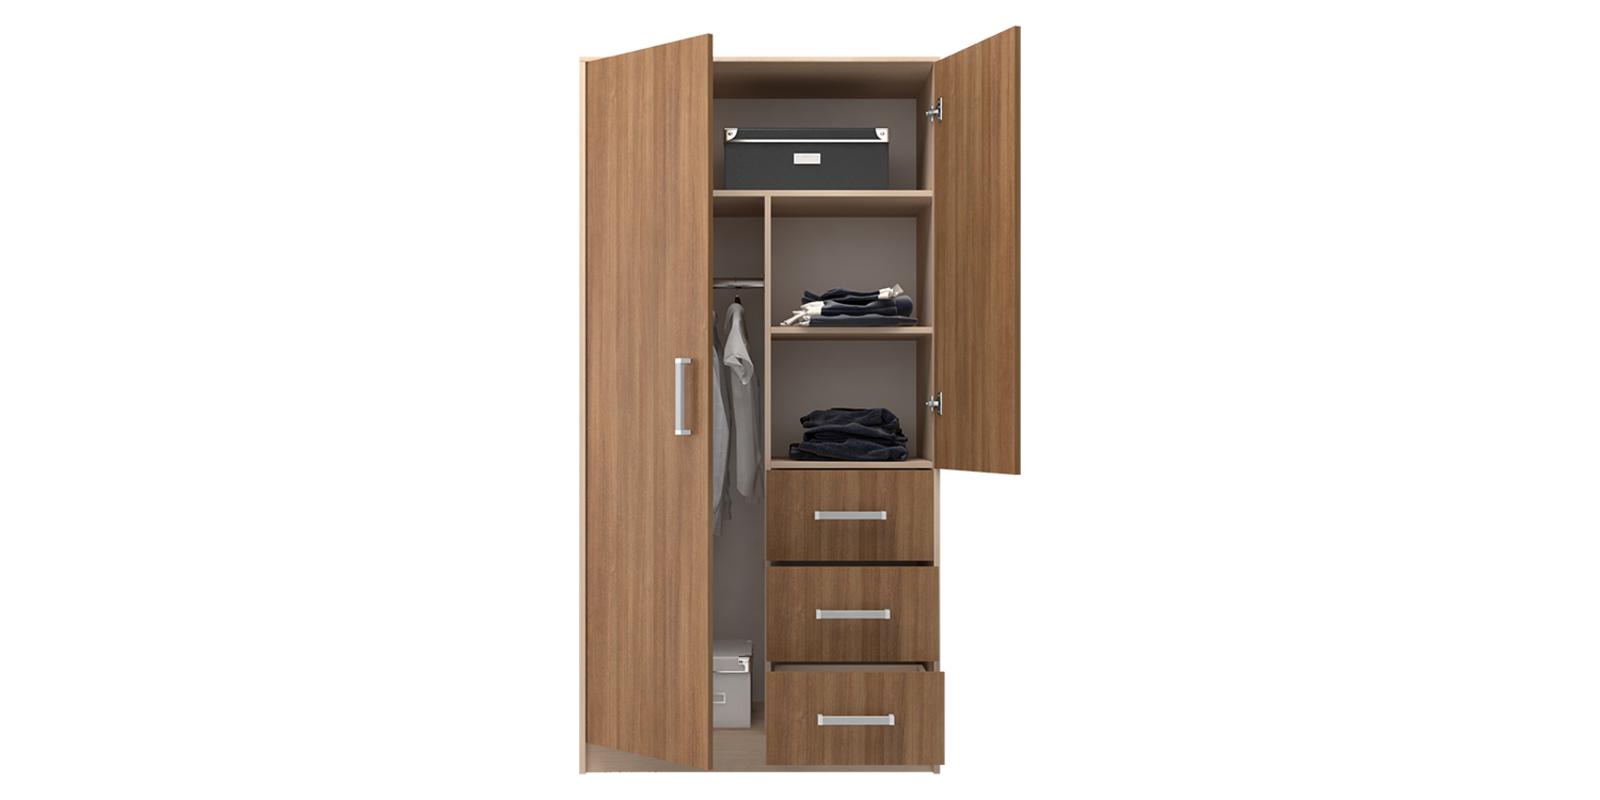 Шкаф распашной двухдверный Лакки (дуб кремона/ясень кассино) от HomeMe.ru